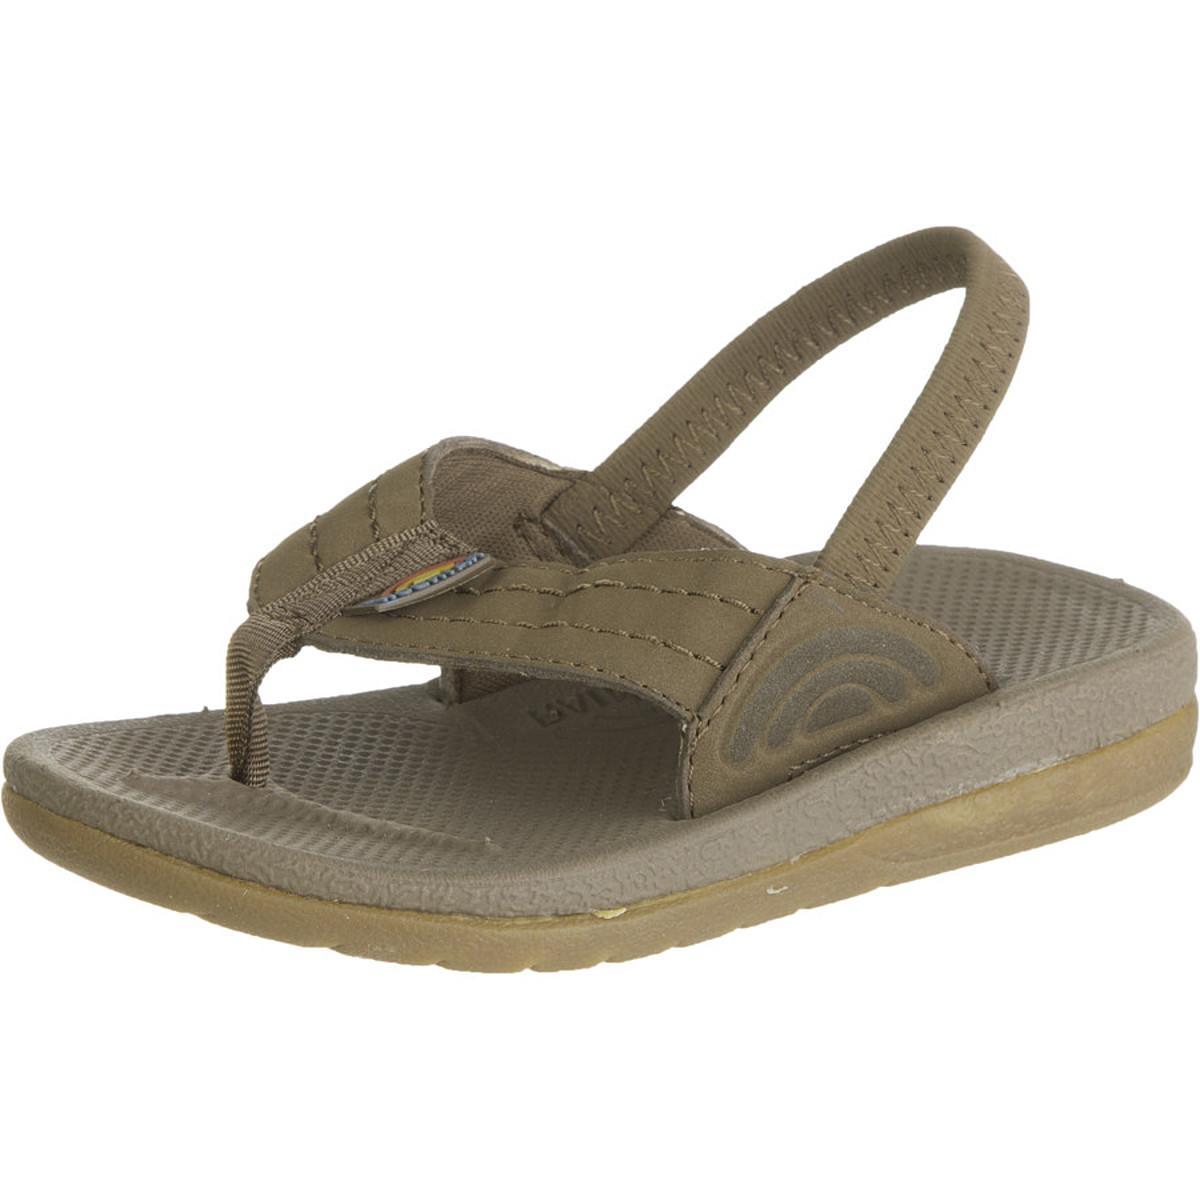 capes sandal